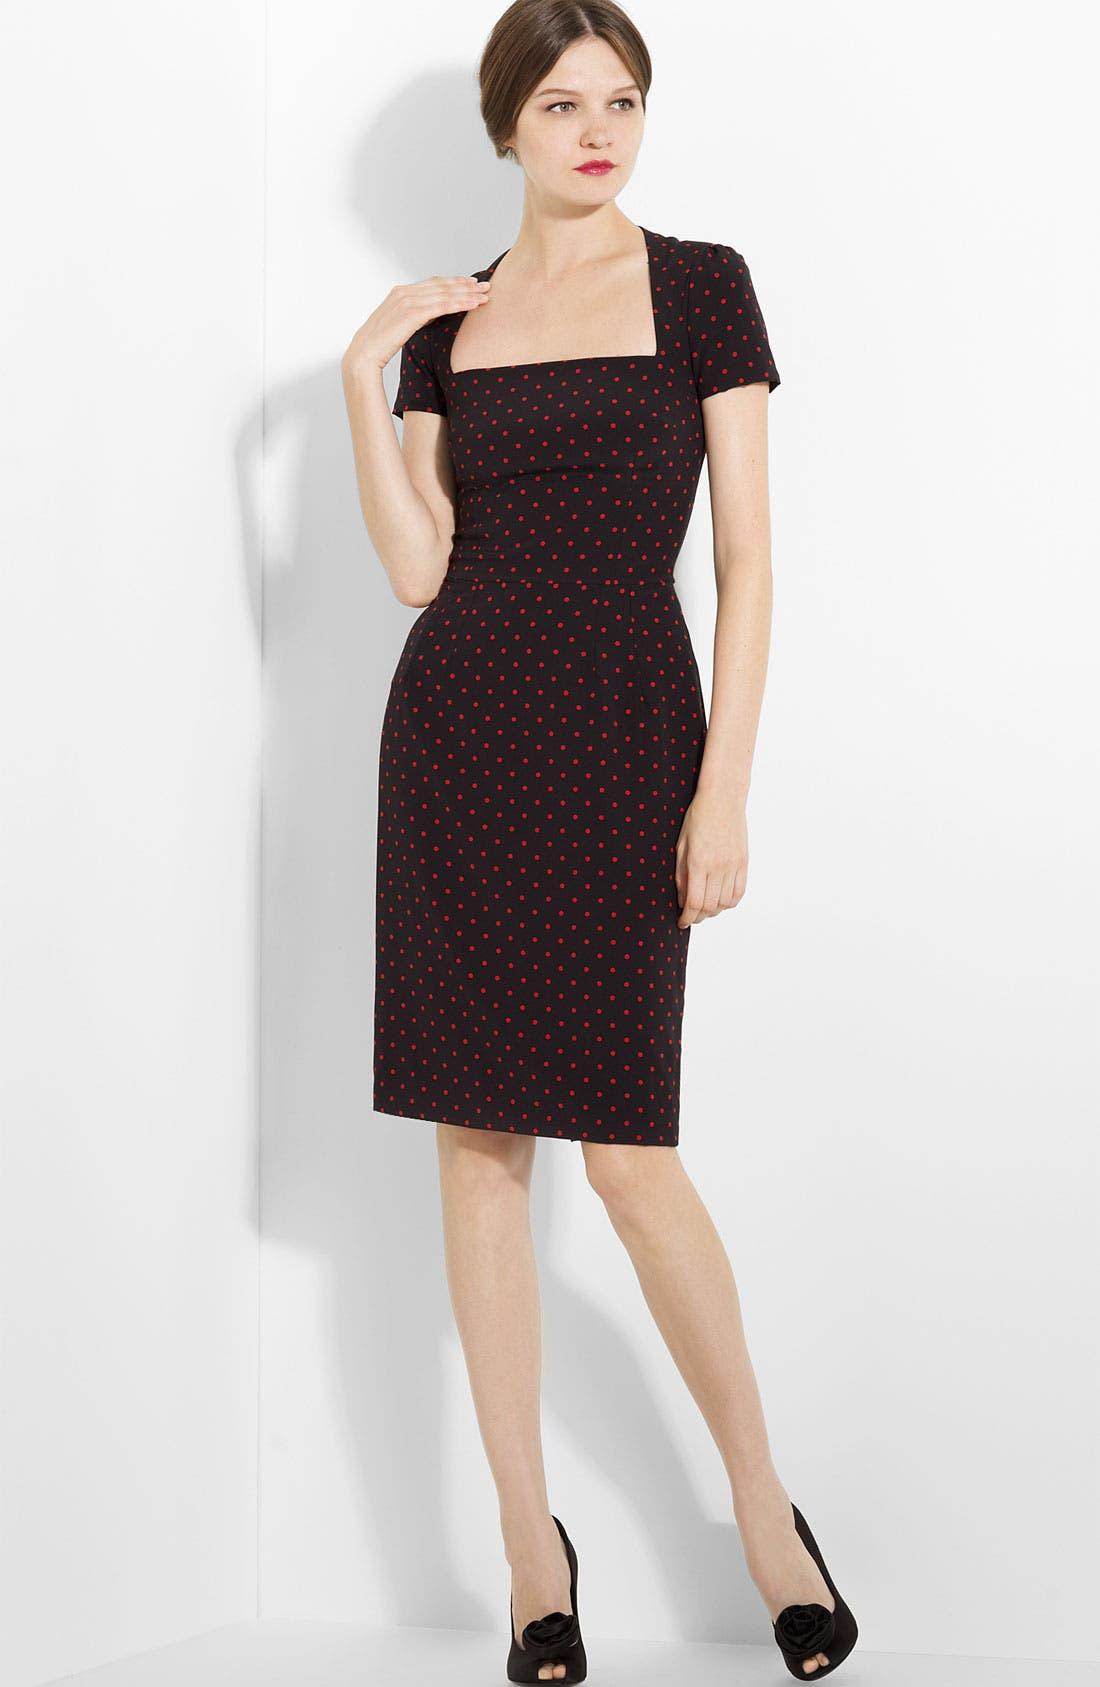 Main Image - Dolce&Gabbana Polka Dot Stretch Charmeuse Dress